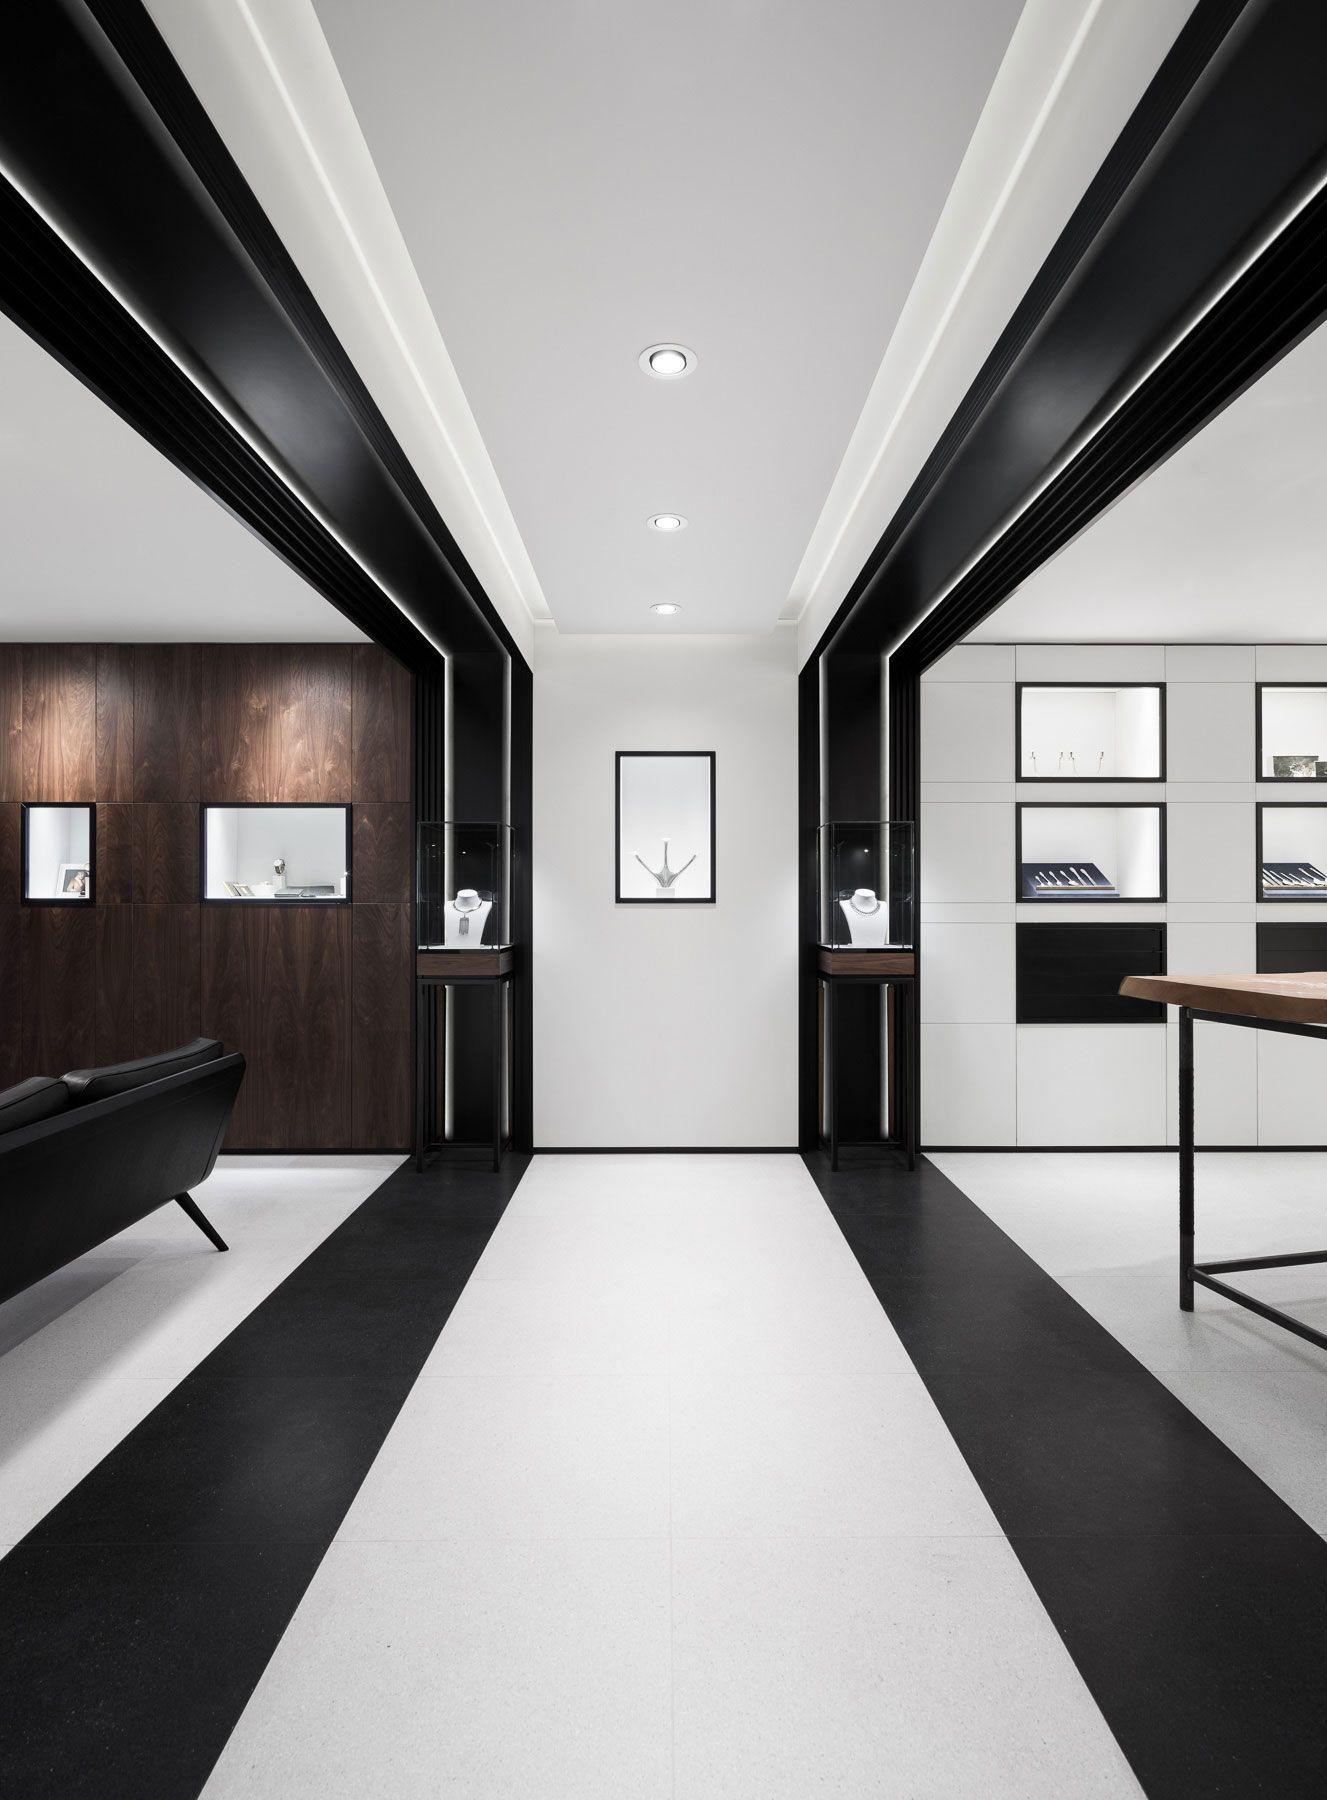 Georg jensen 39 s london boutique by studio david thulstrup for Studio interior design london